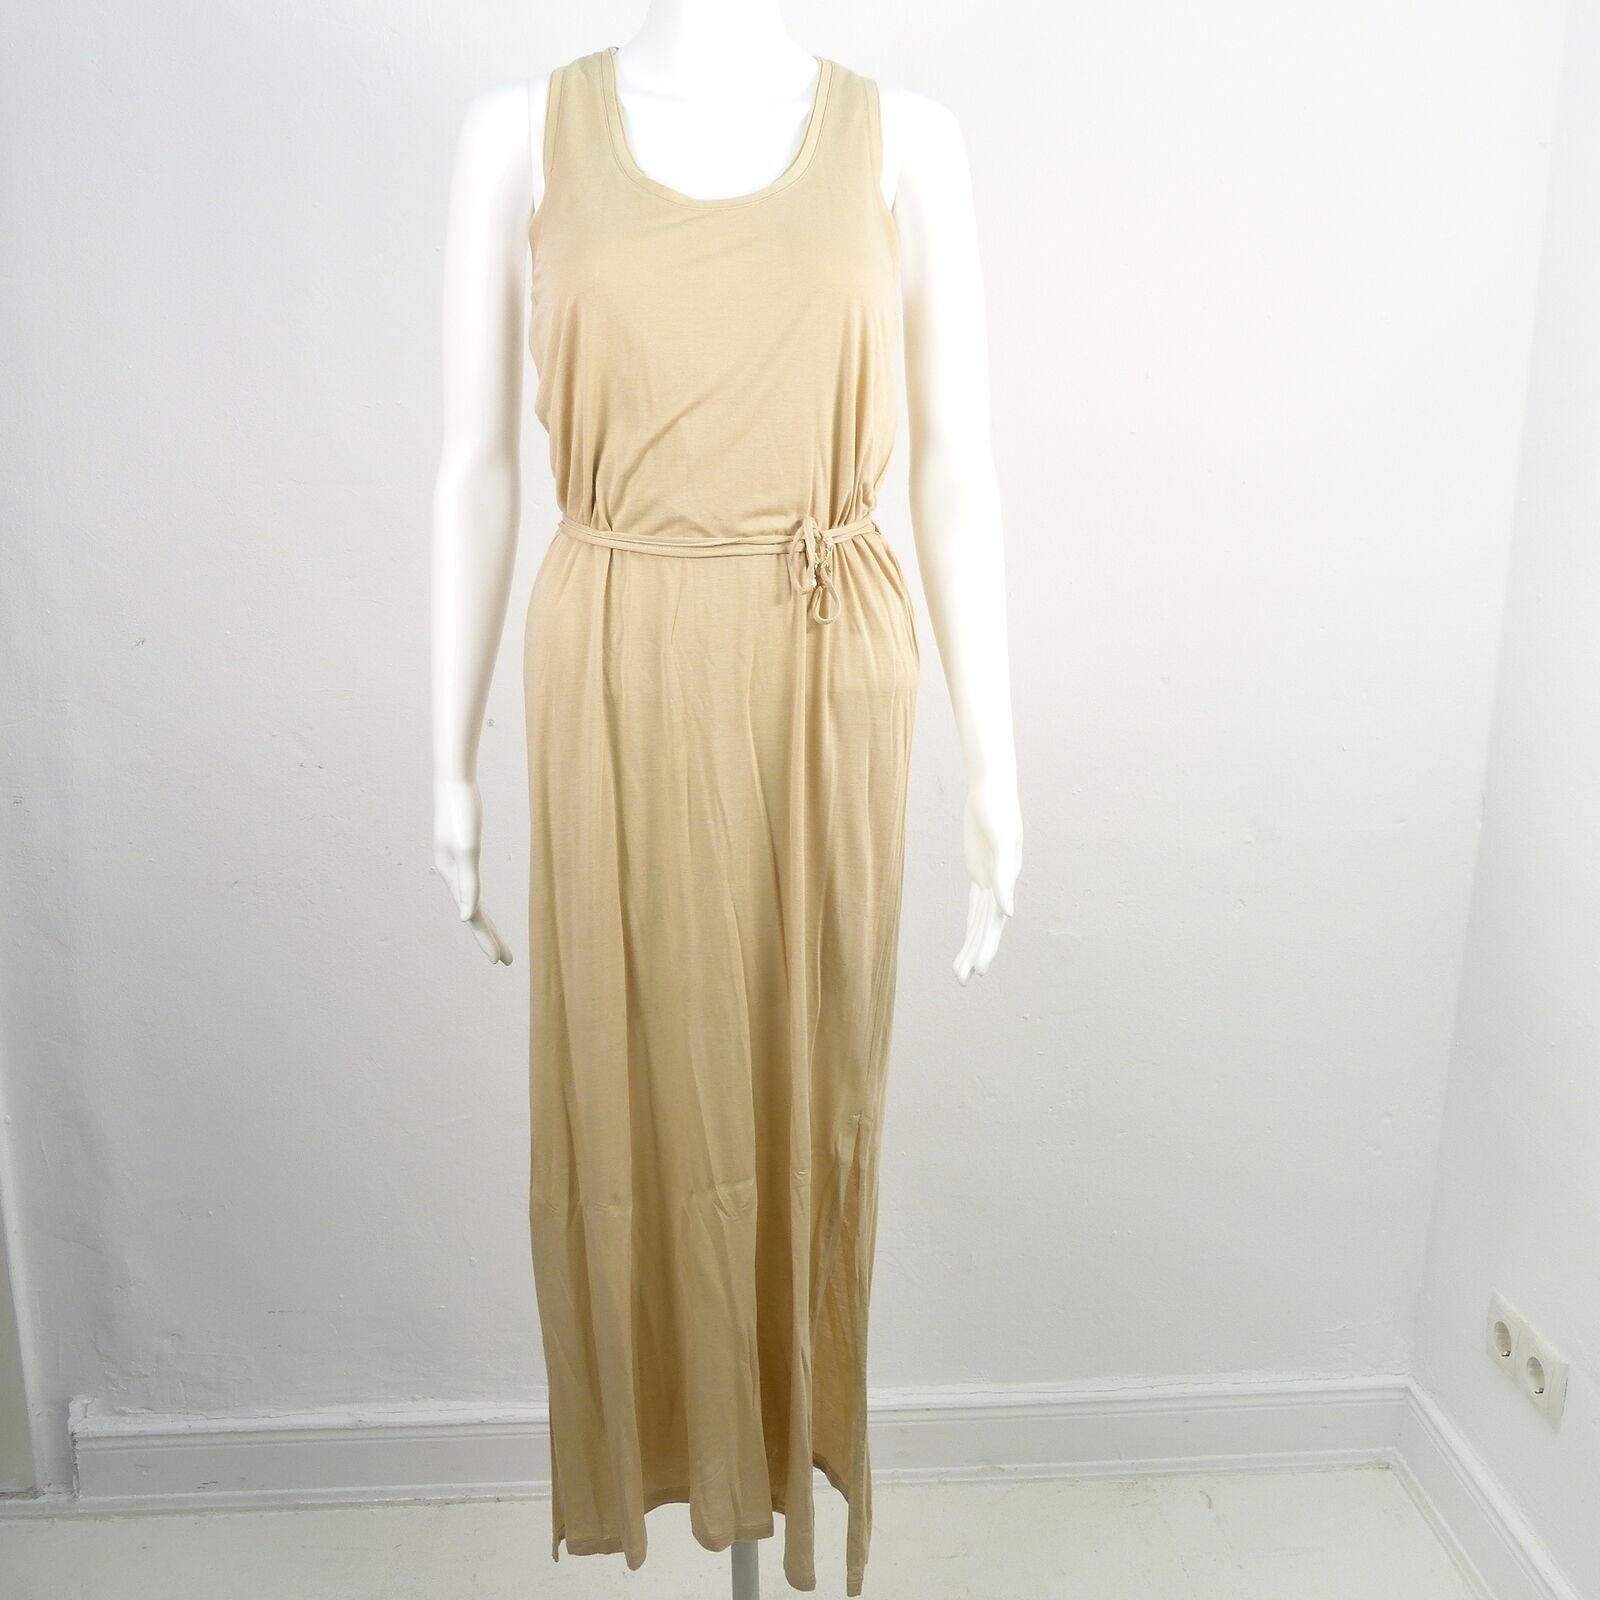 b0a0585c0e4 Hondrocream ist die Schnellste PATRIZIA PATRIZIA PATRIZIA PEPE Kleid Gr. 34 Damen  Beige Ärmellos c62448